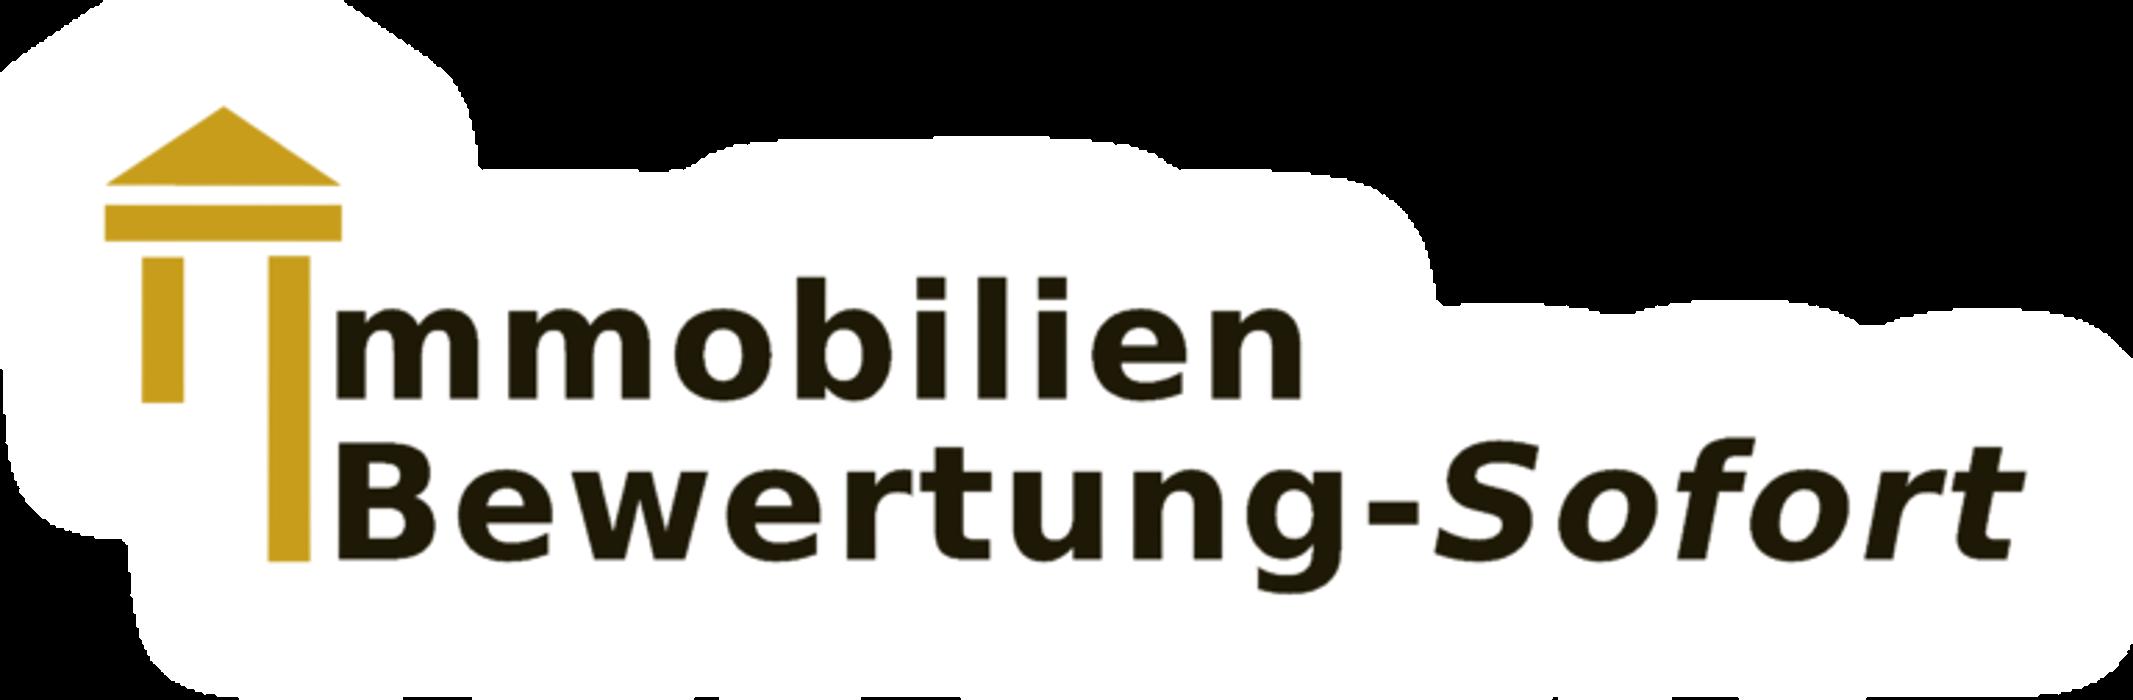 Bild zu Immobilienbewertung sofort in Stuttgart